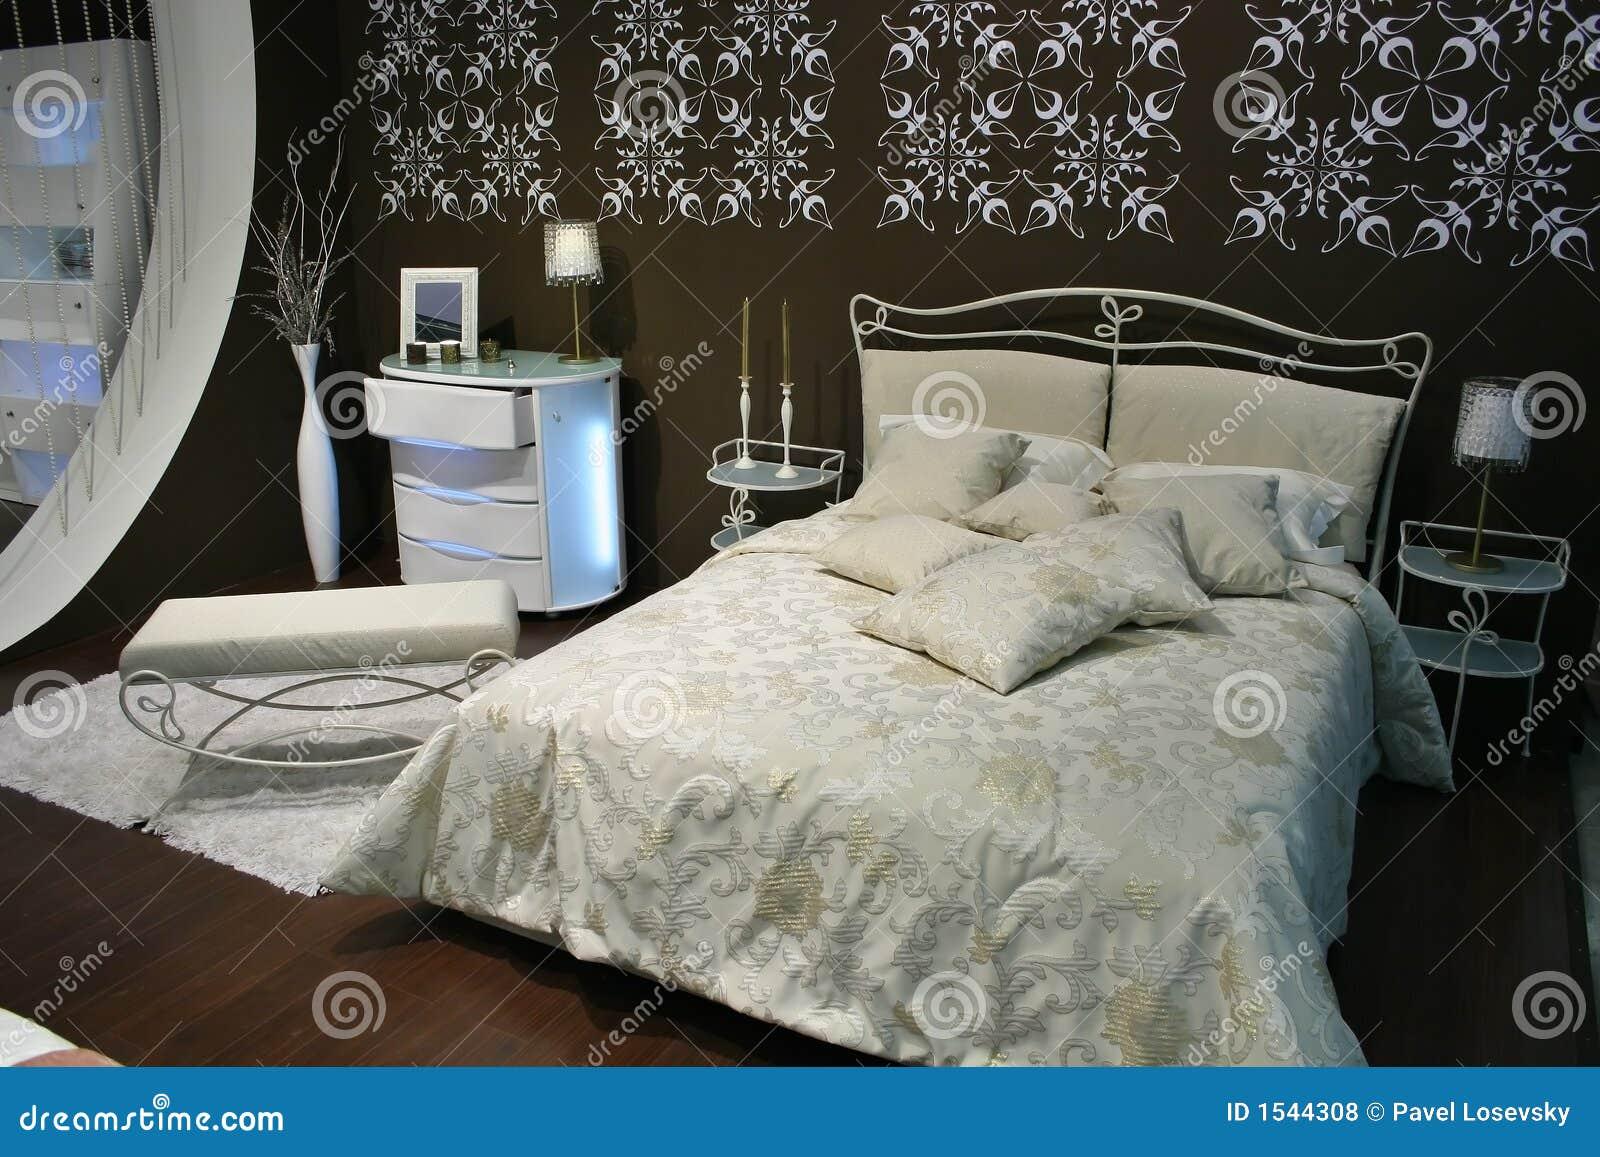 Slaapkamer Naturel Tinten : Witte bruine slaapkamer stock foto. afbeelding bestaande uit zaken